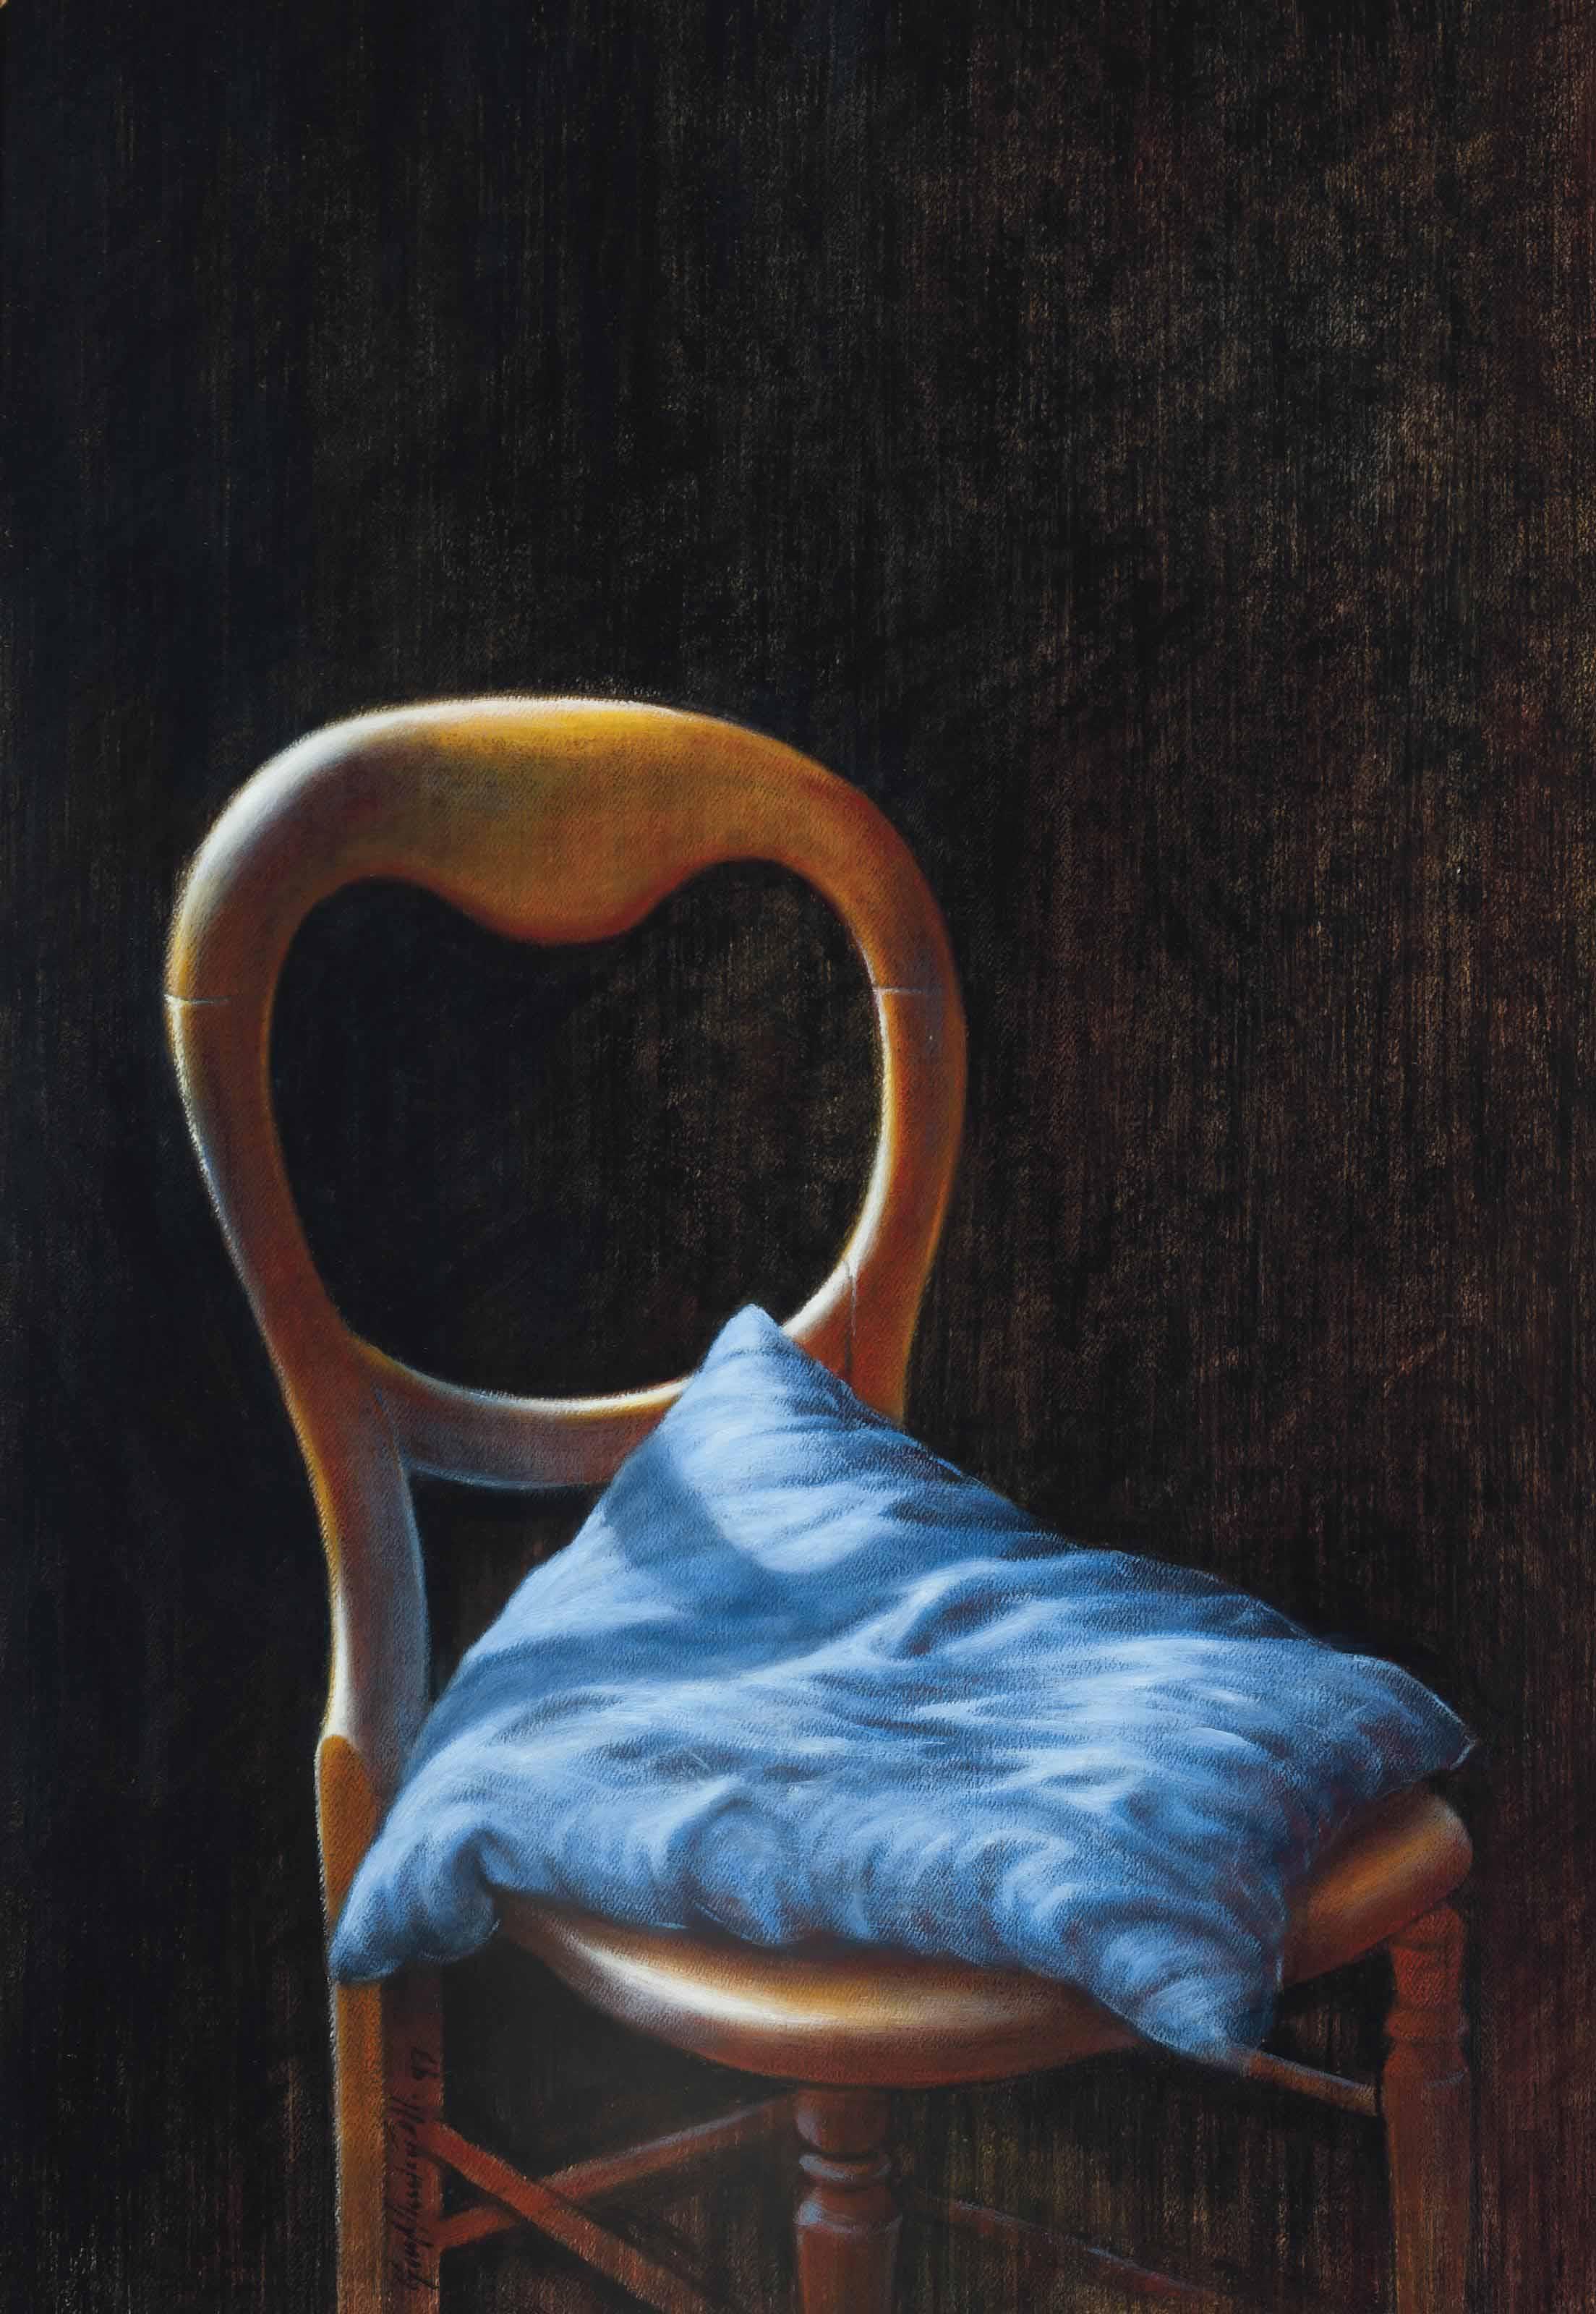 Chair with a blue cushion